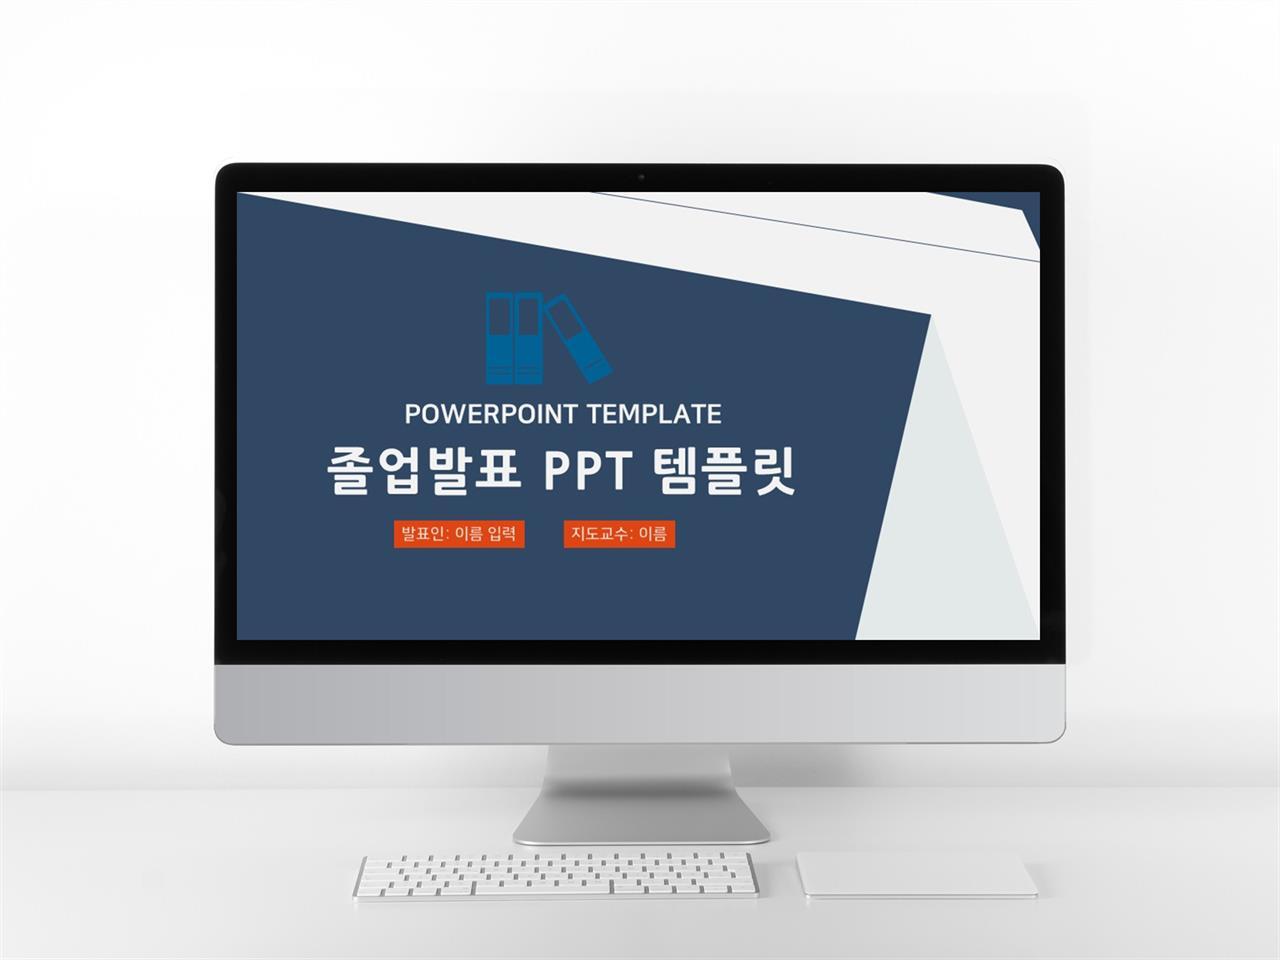 논문심사 푸른색 단출한 프레젠테이션 PPT템플릿 만들기 미리보기